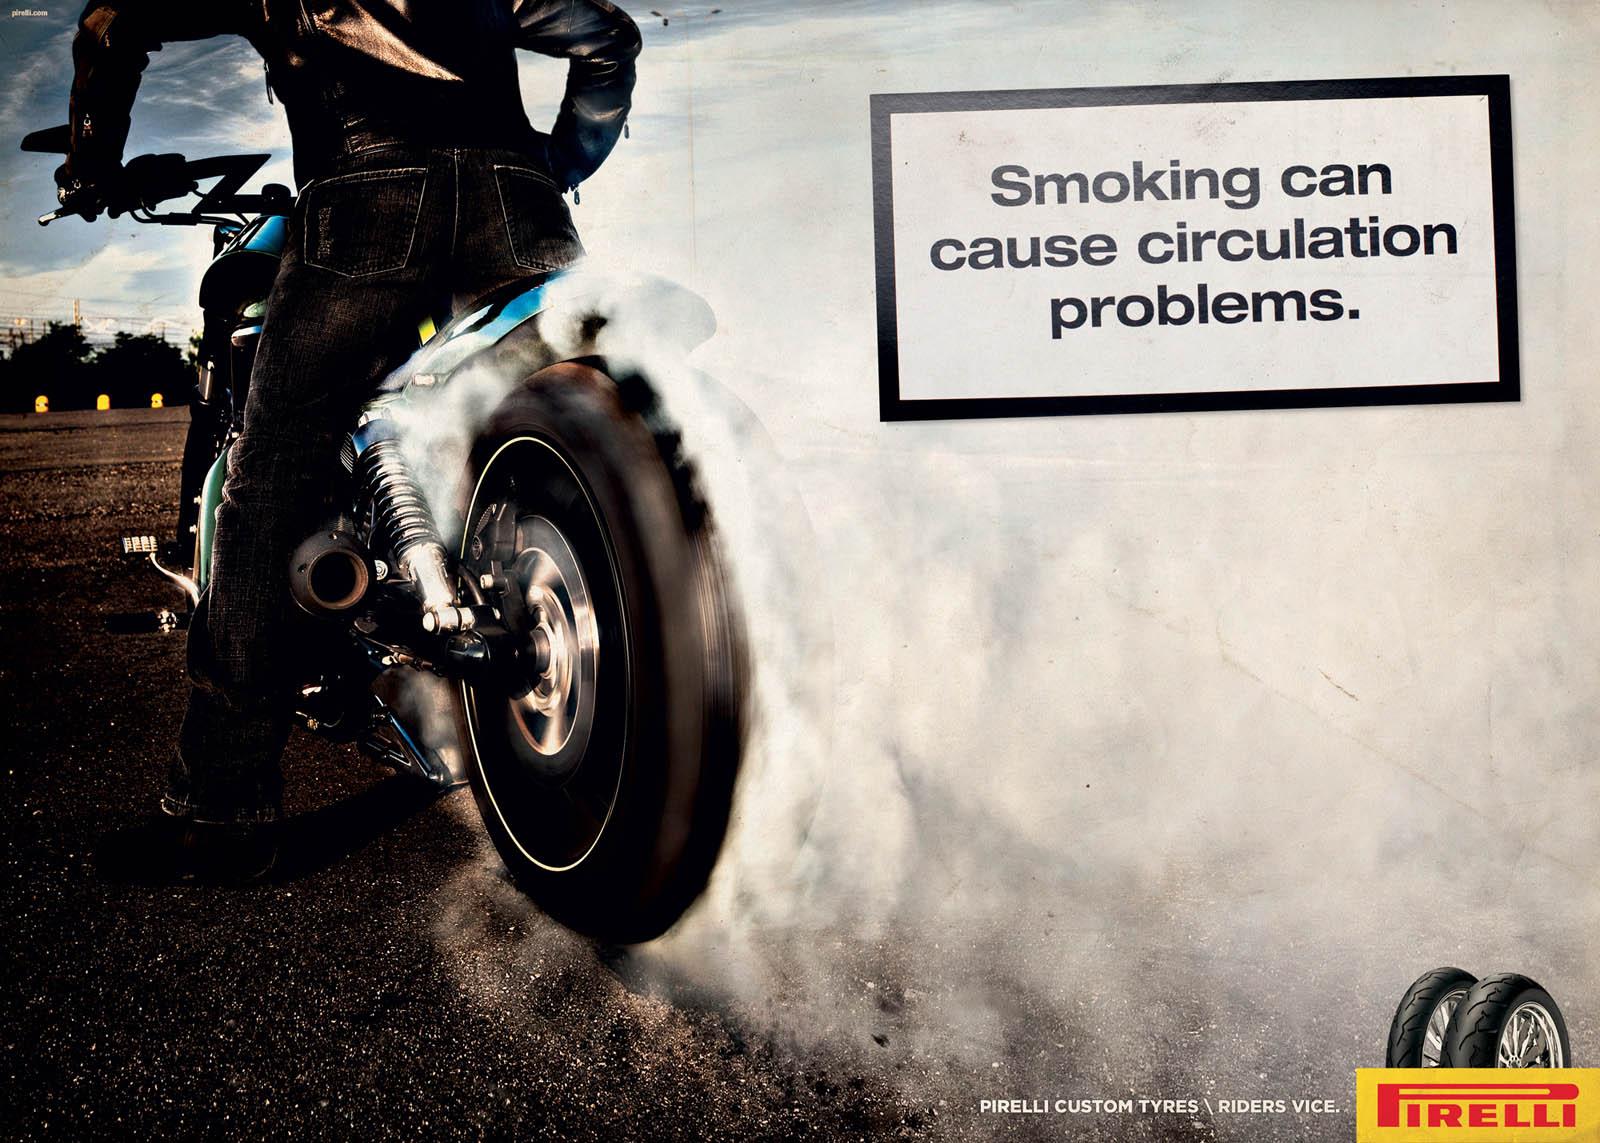 http://4.bp.blogspot.com/_EKeRu2RiLJc/TQu1pomgbyI/AAAAAAAAQ0Q/cfYm7F_4bTY/s1600/pirelli-smoke3.jpg